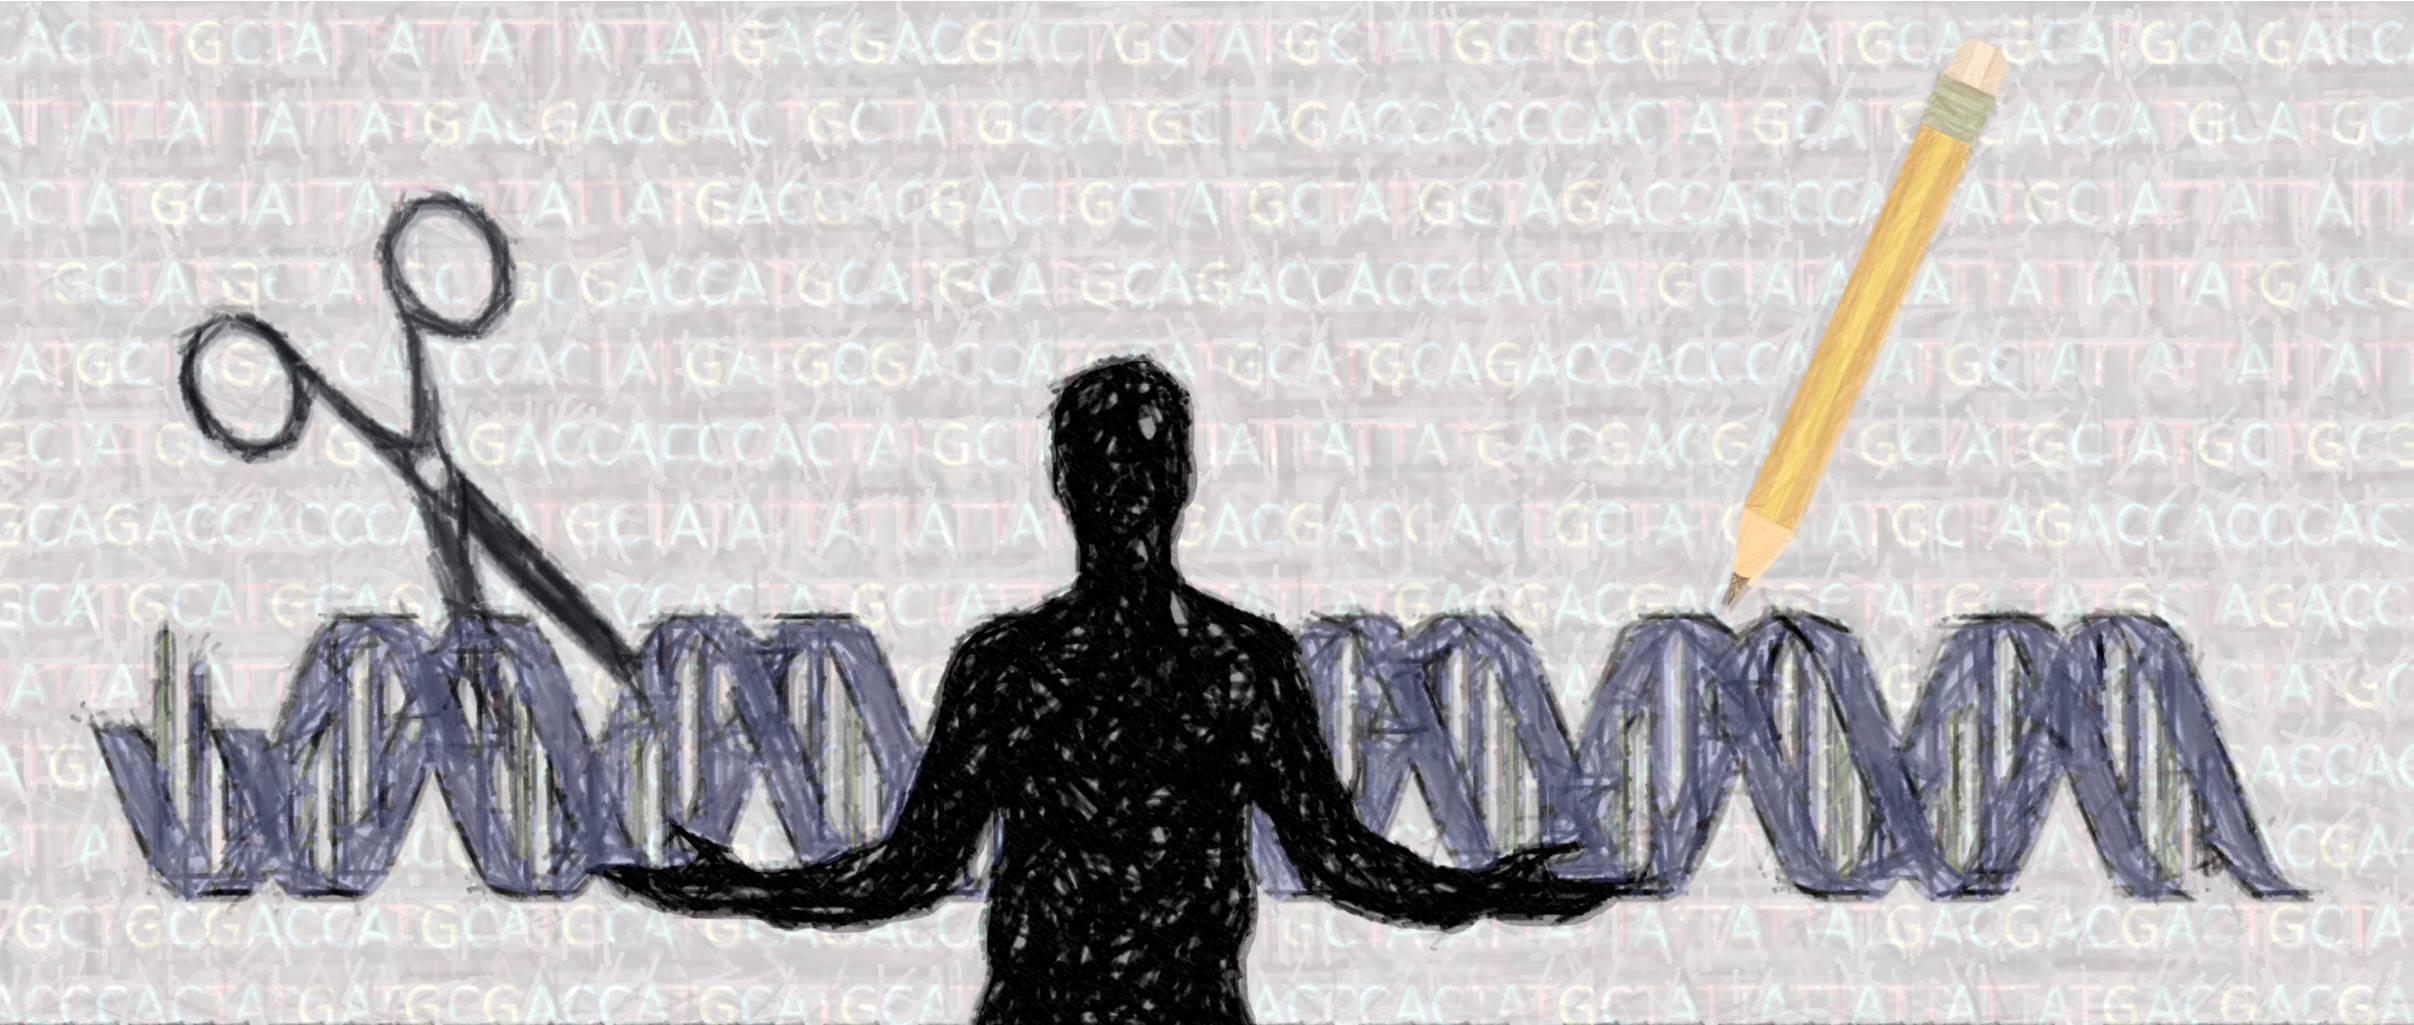 bioética CRISPR